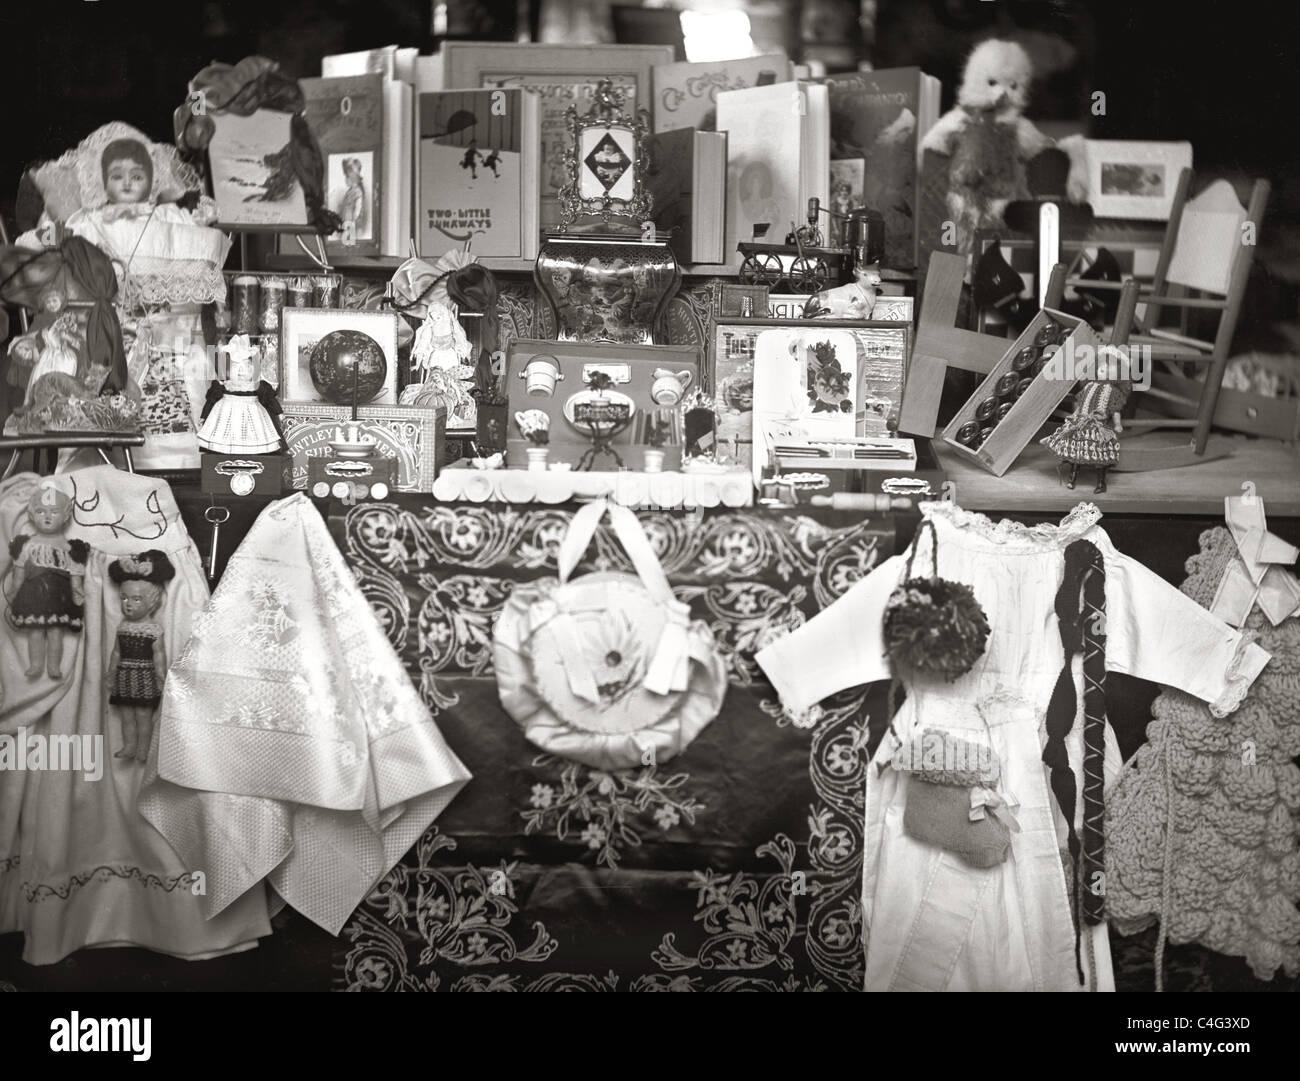 Fotografia originale di un Edwardian o giocattolo vittoriano shop anteriore / la finestra di visualizzazione Immagini Stock